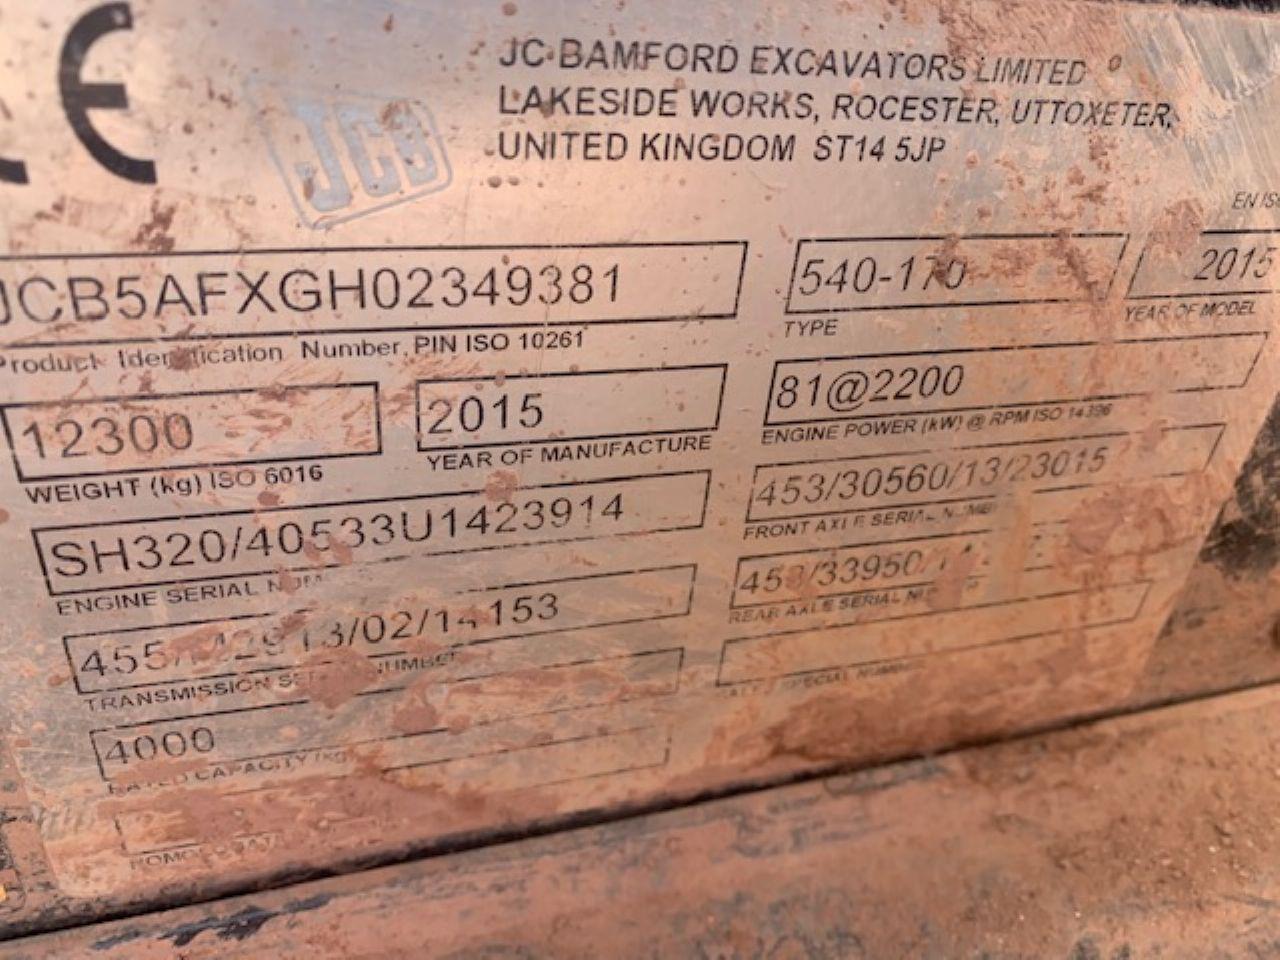 JCB 540-170 TELEHANDLER - Picture 6